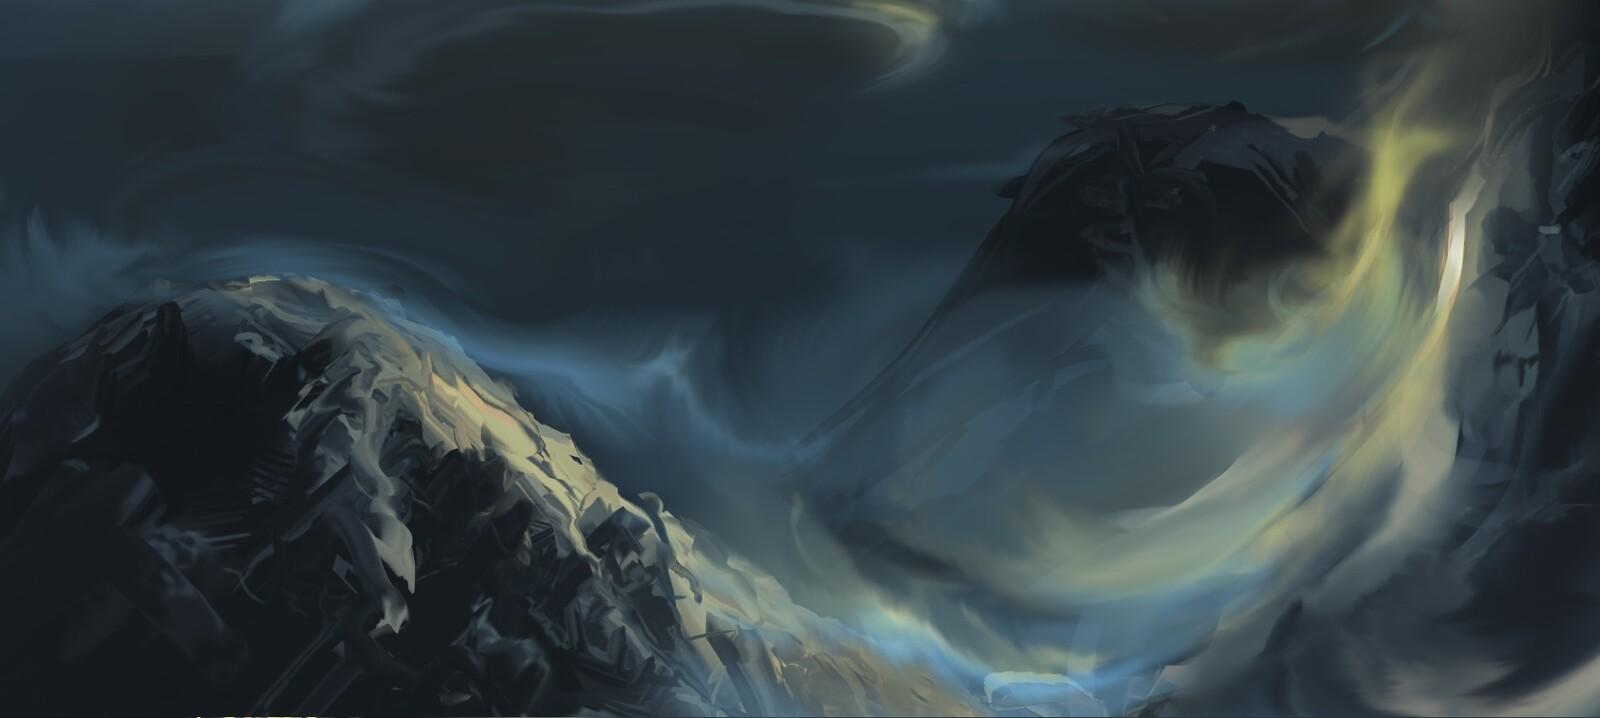 Spirit of Norway detail 3